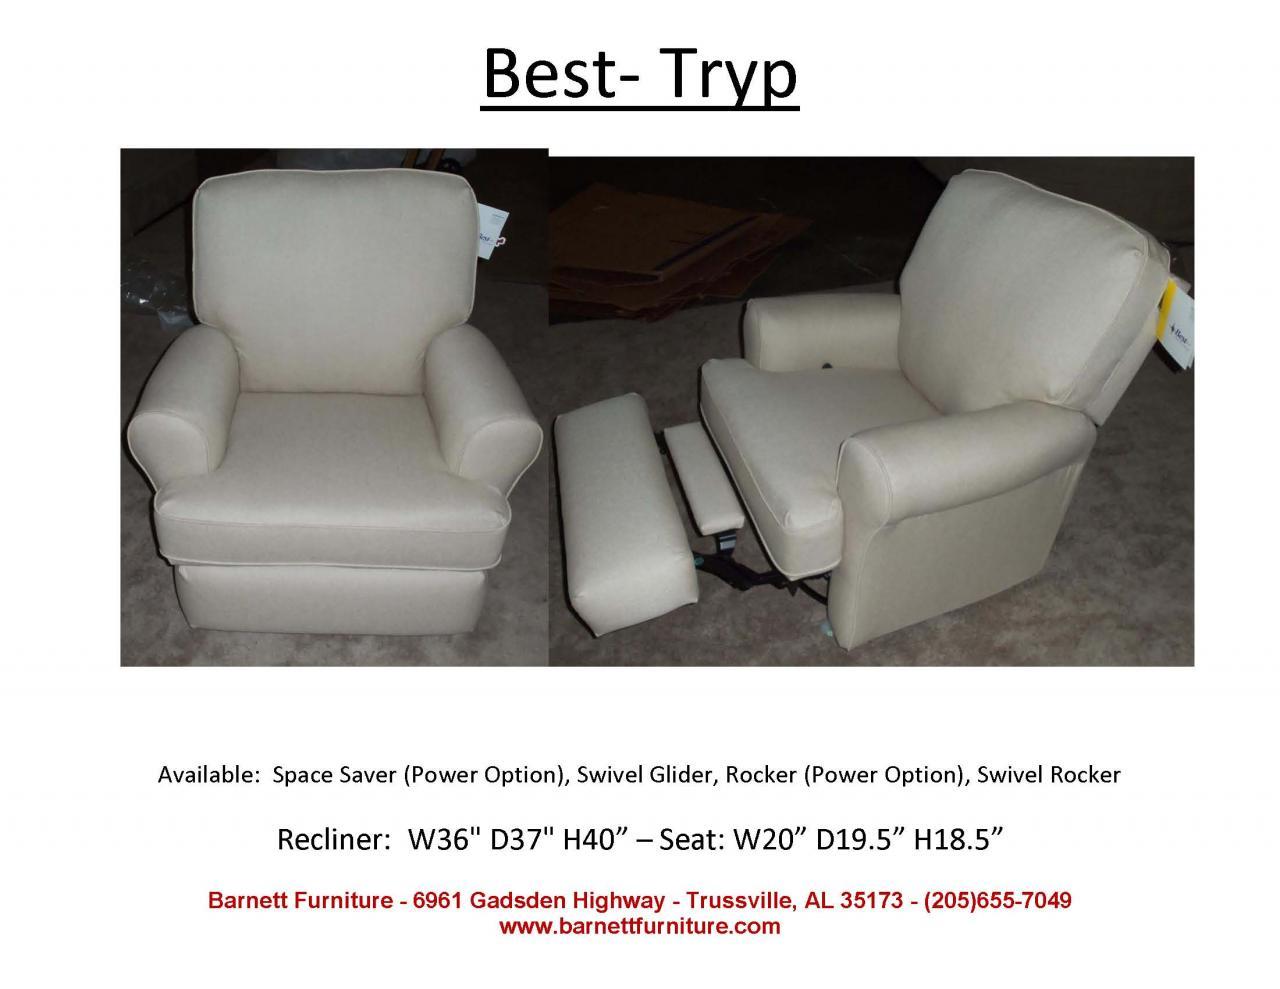 ... Best Tryp Swivel Glider Recliner ...  sc 1 st  Barnett Furniture & Barnett Furniture - Swivel / Swivel Gliders islam-shia.org